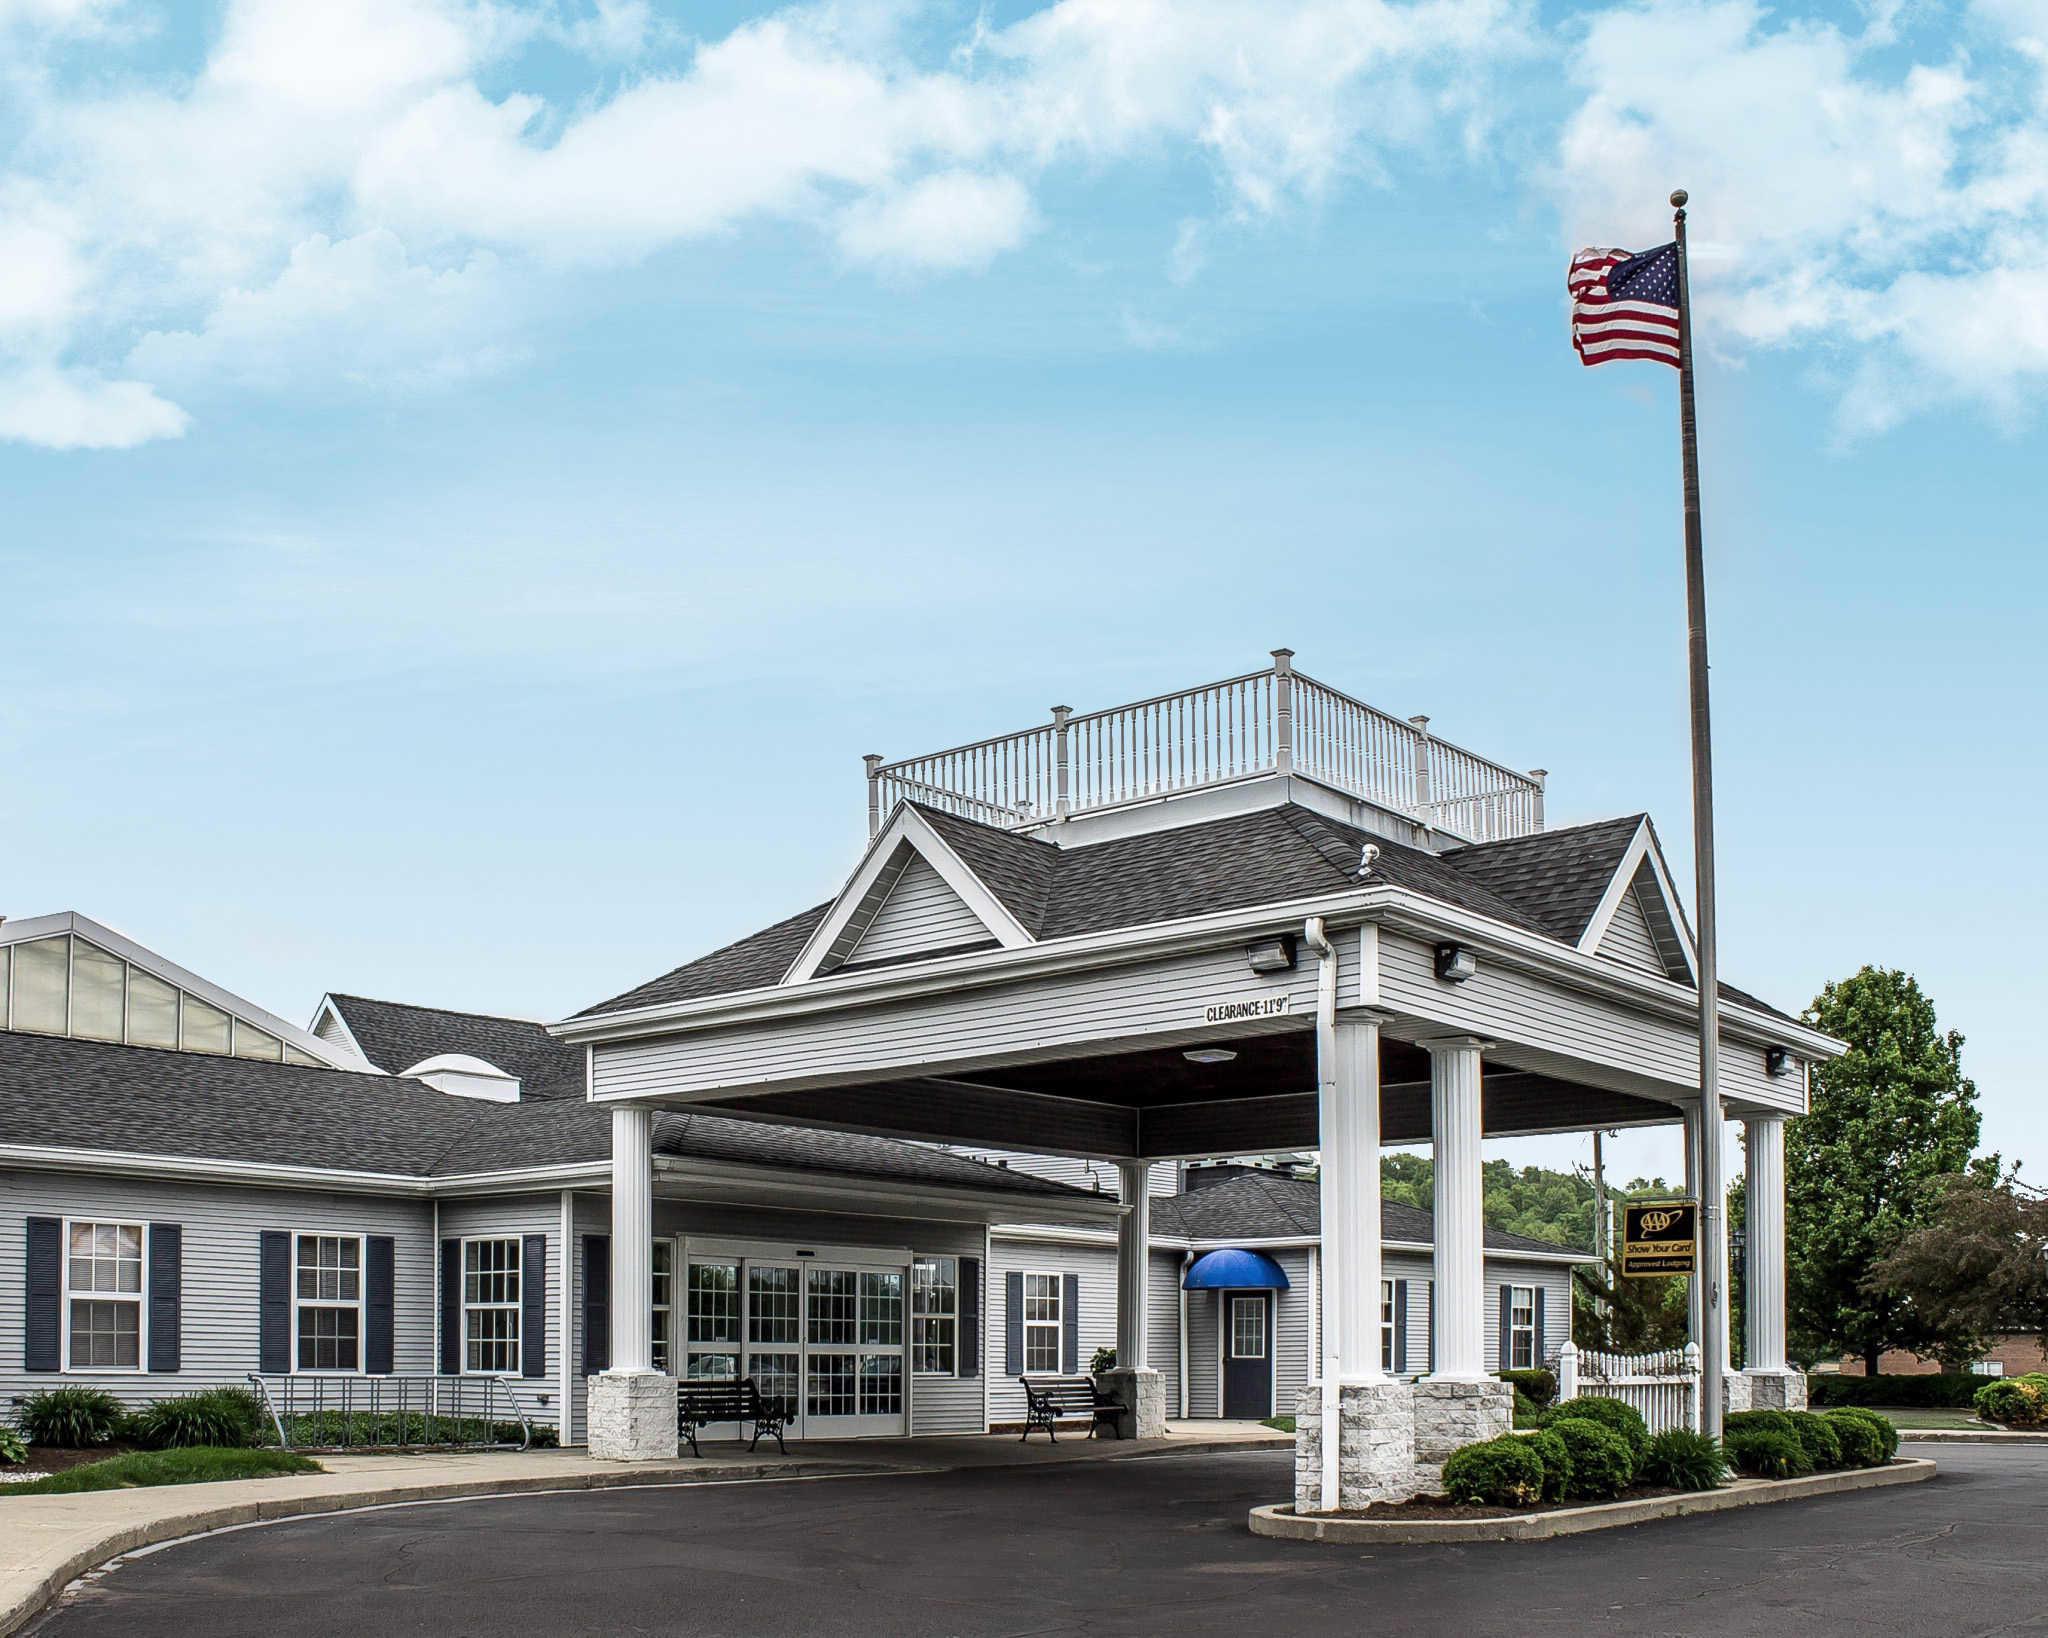 Comfort Inn Splash Harbor image 0